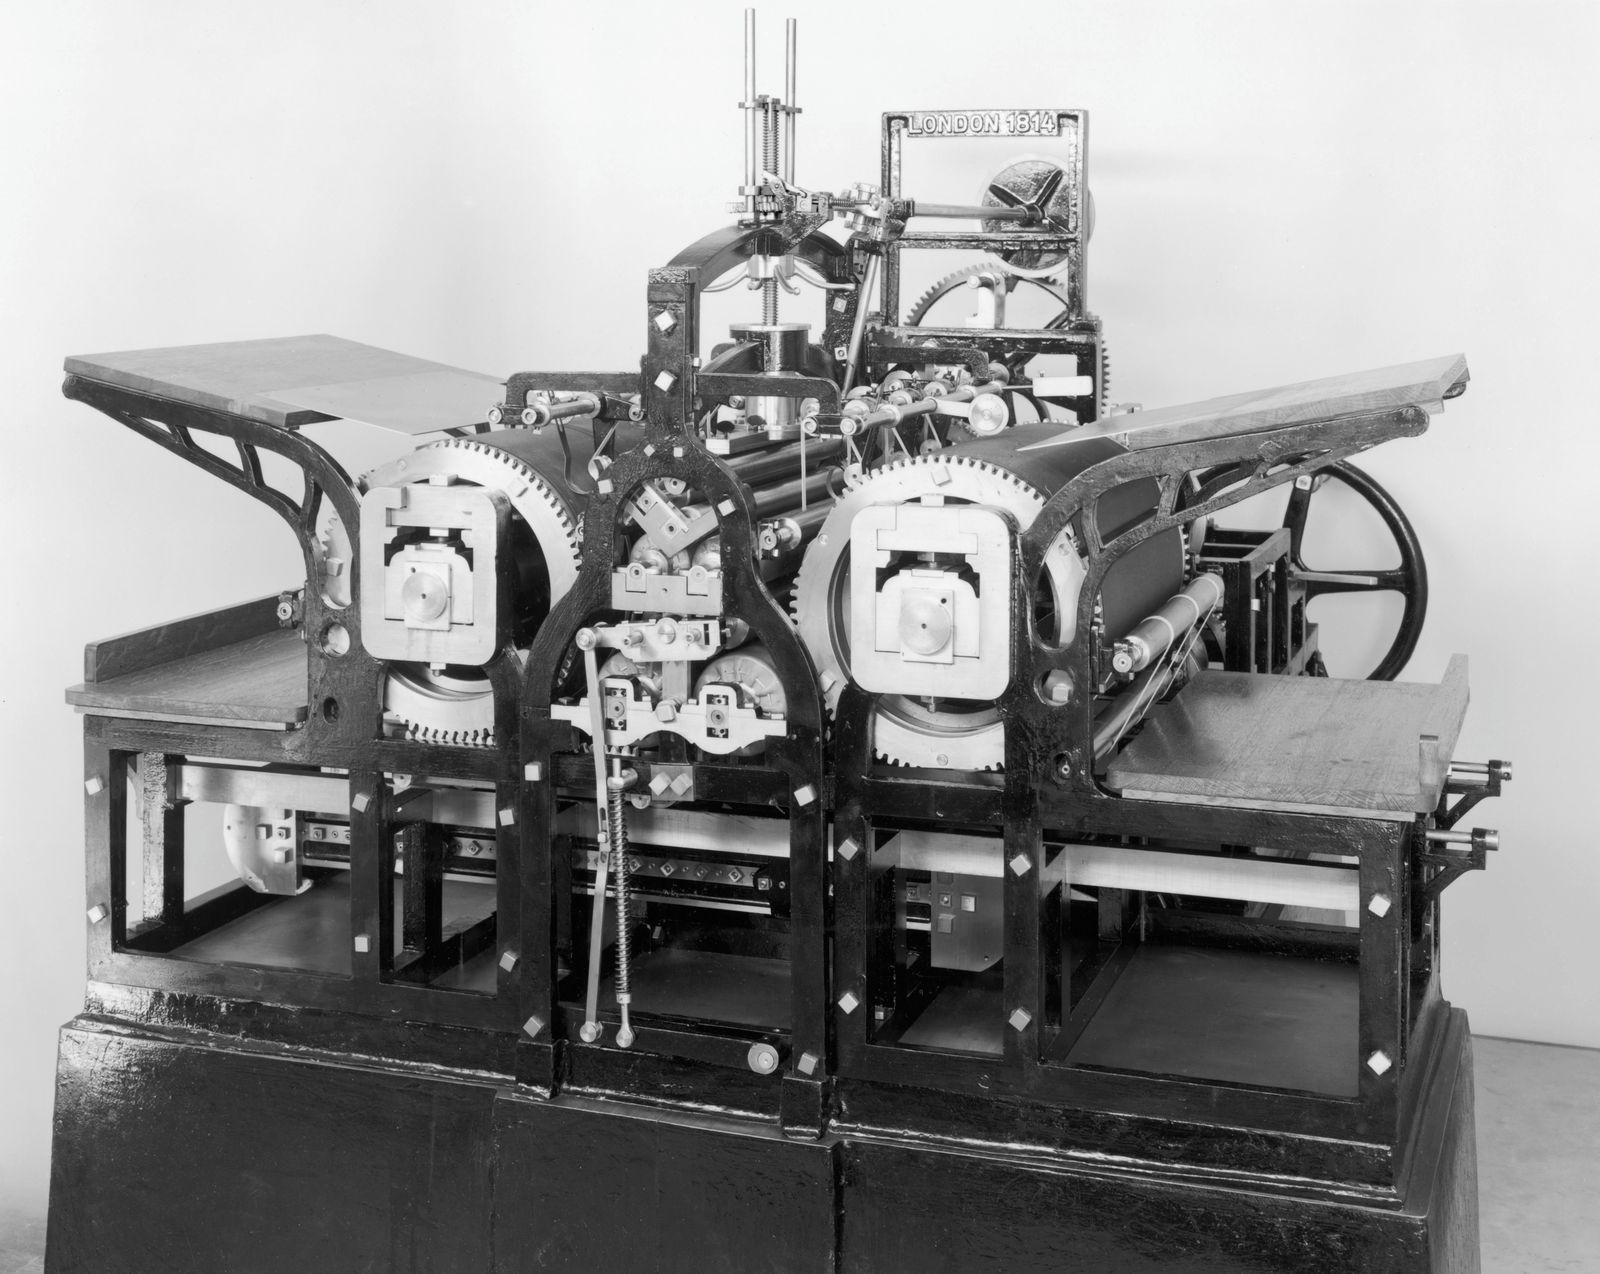 Koenig and Bauer machine printing press, 1814.